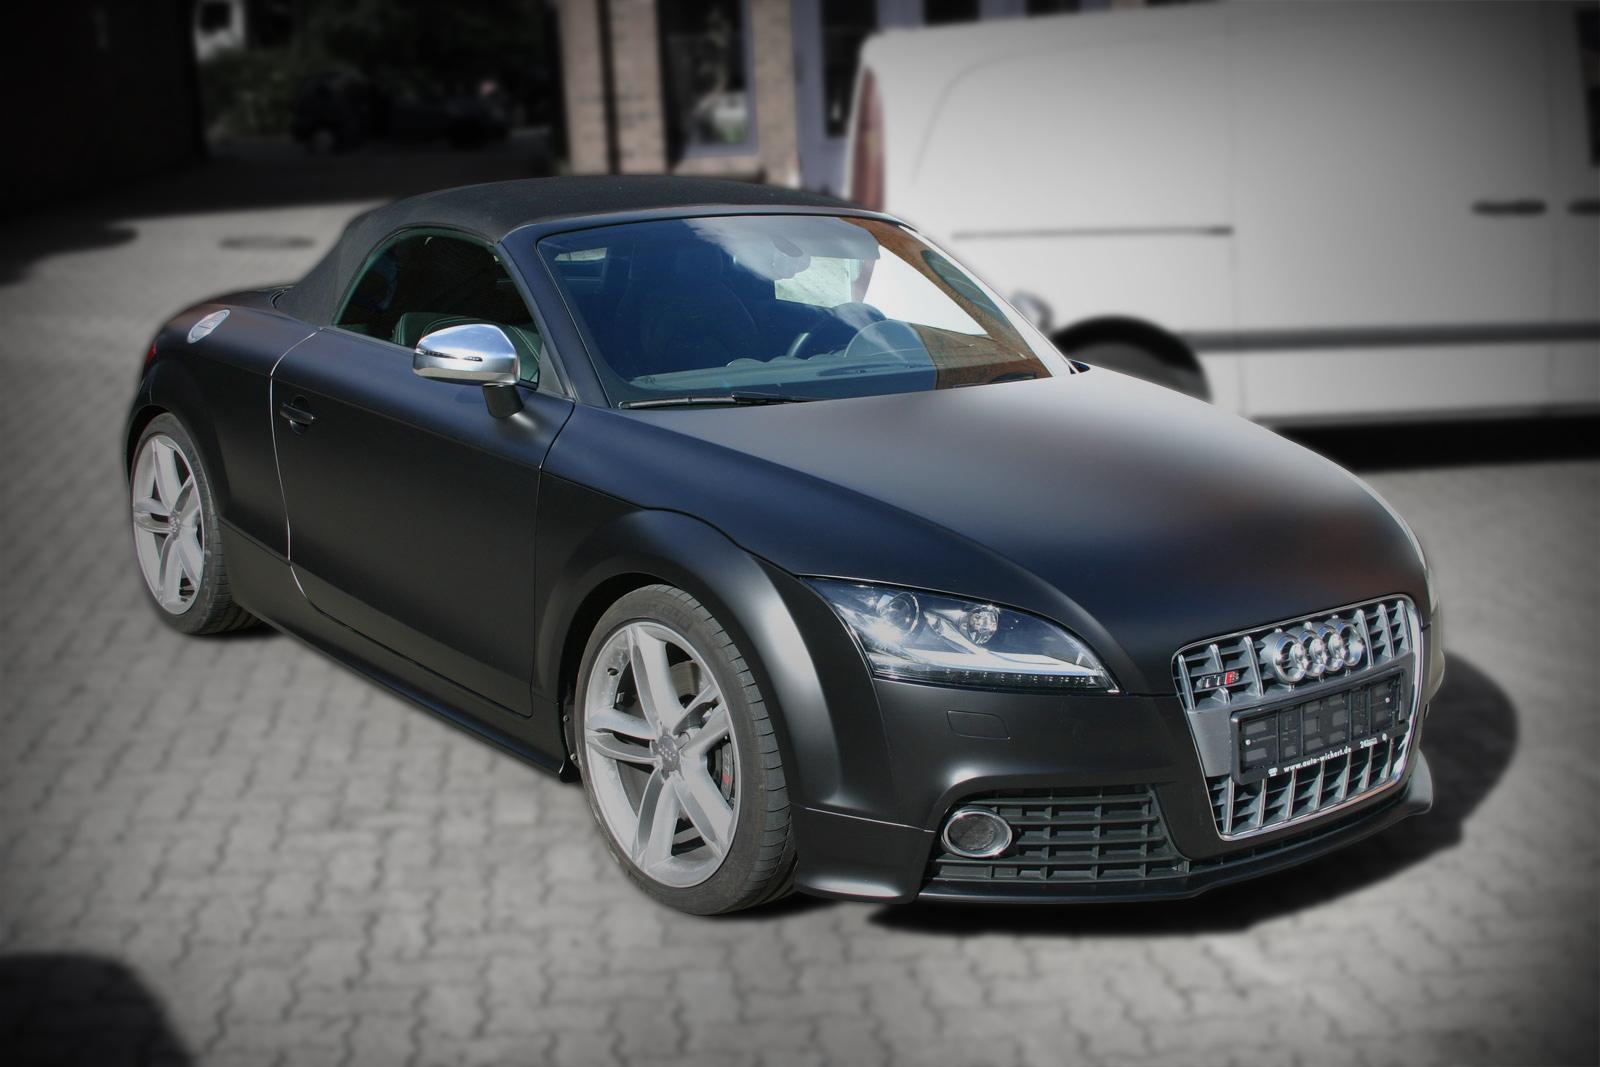 Der ursprünglich blau lackierte Audi TT bekam eine Vollfolierung und wurde mit schwarz seidenmatter Hochleistungsfolie komplett beklebt.